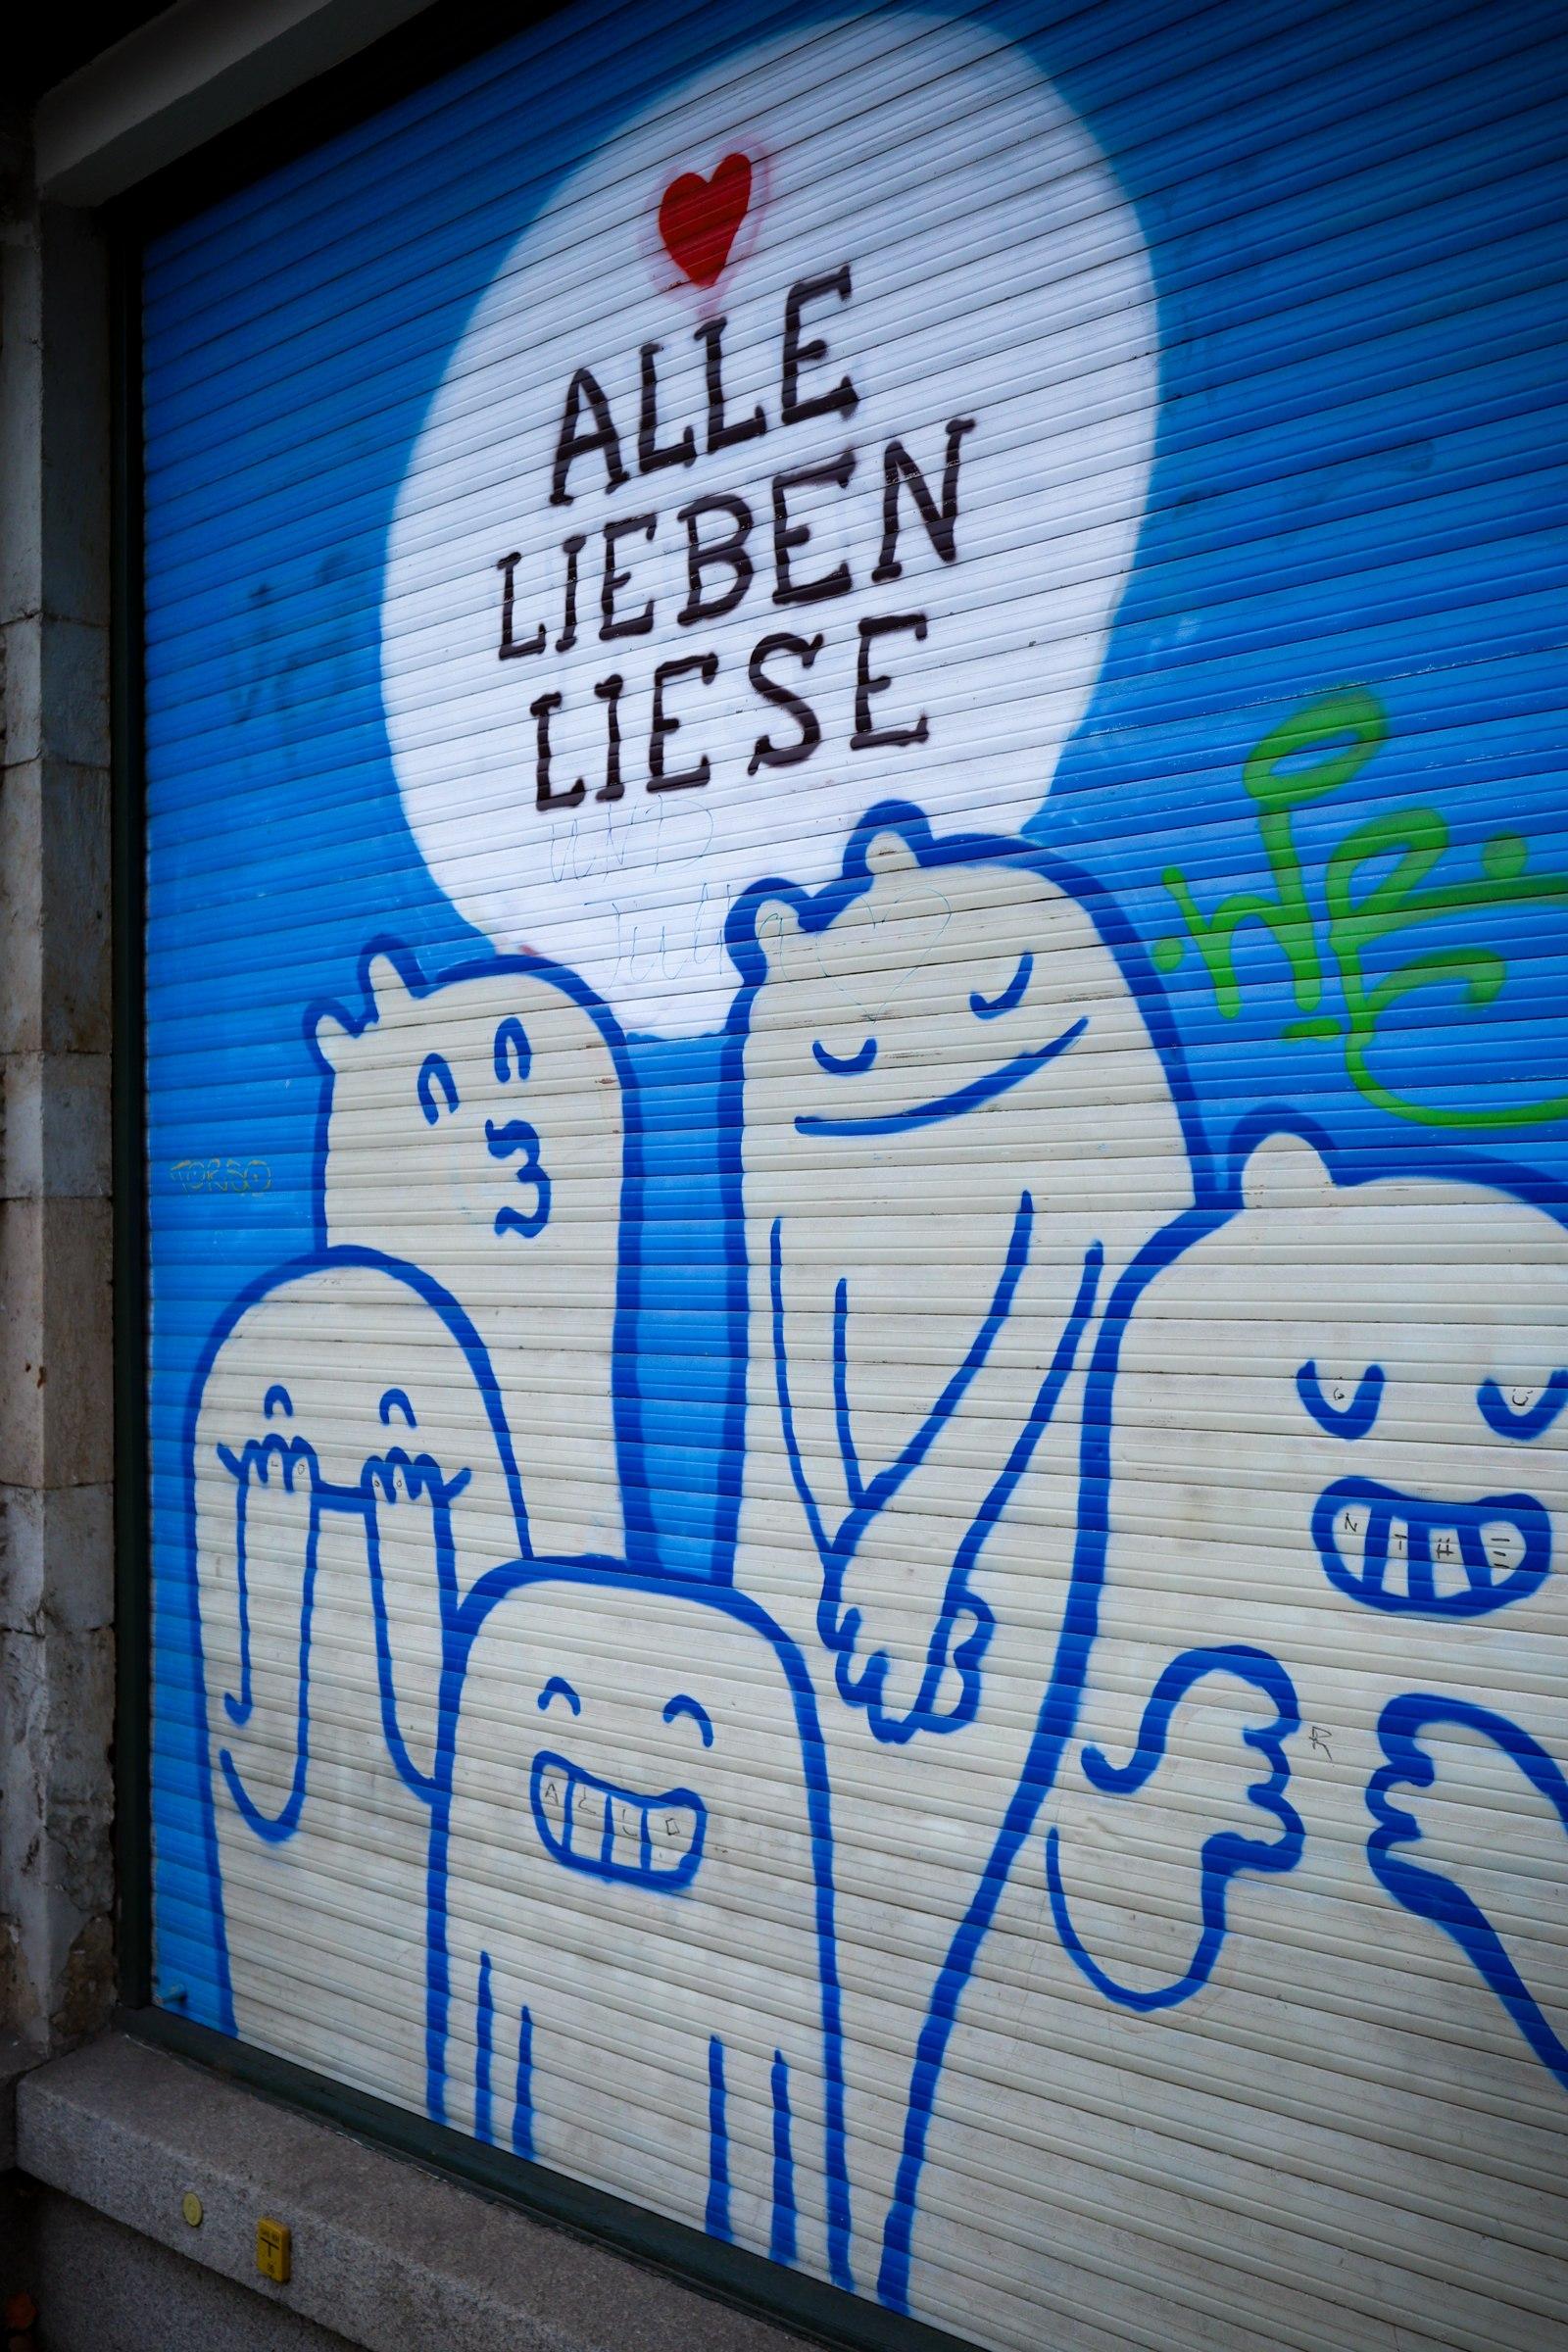 Alle lieben Liese - Altlindenau, Leipzig